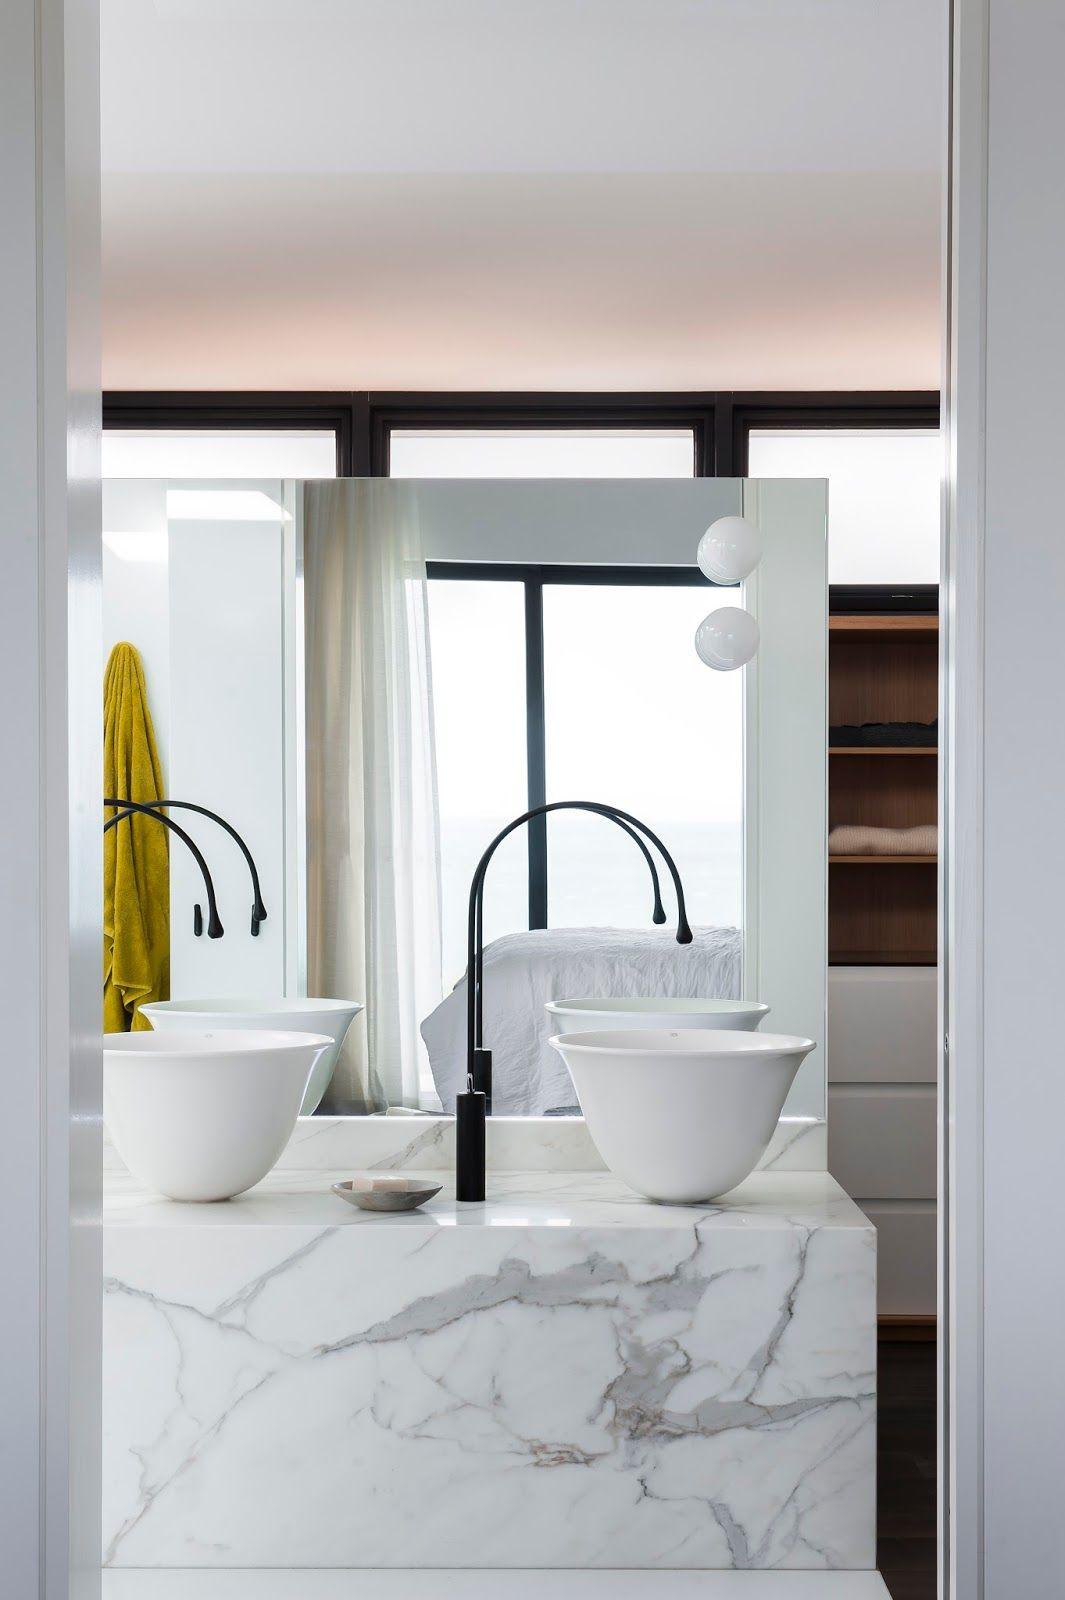 Minosa Design: Melbourne Bathroom Design - A Famous House, View & C ...